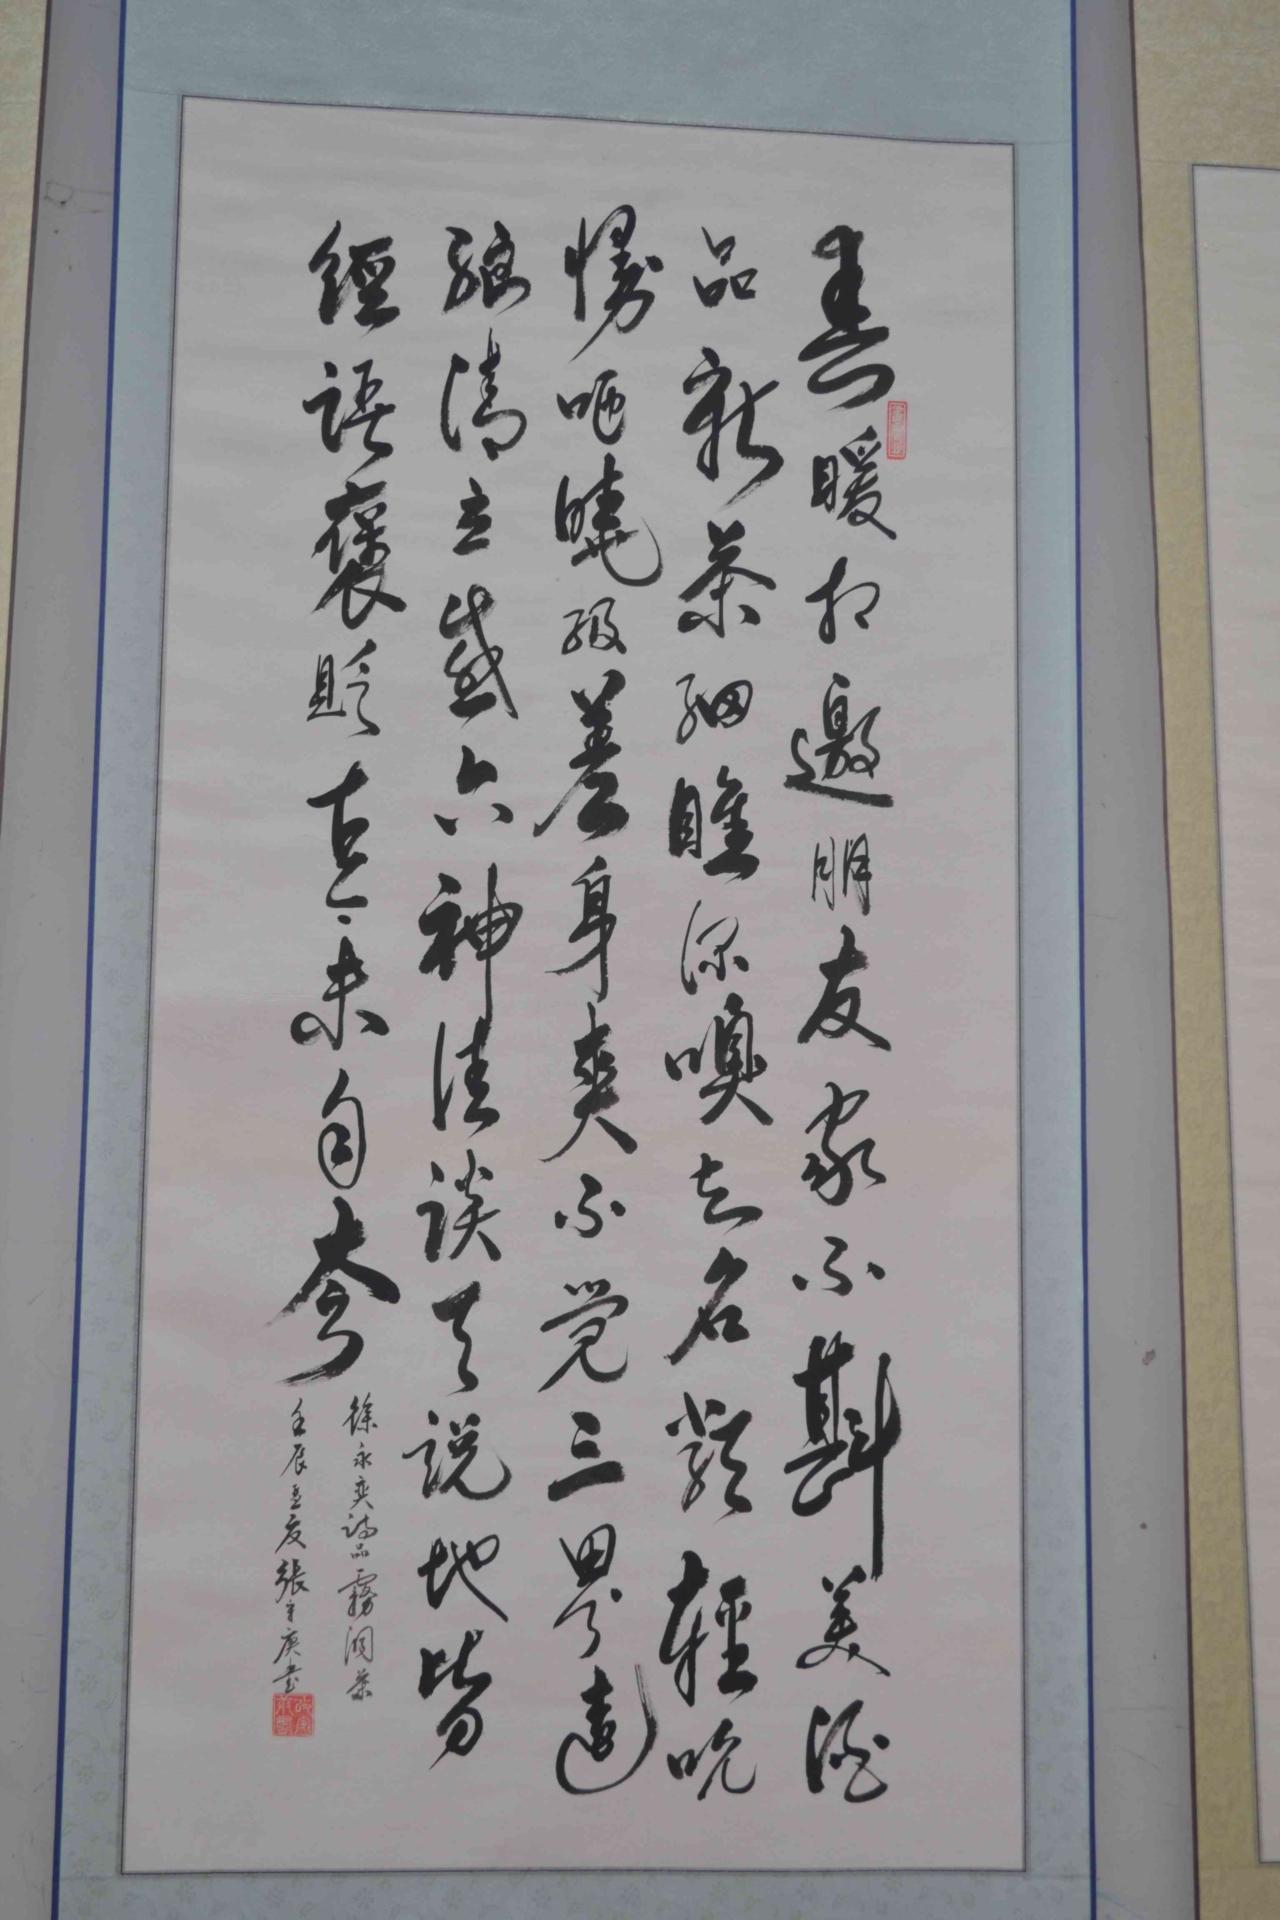 锦绣利川百幅诗词书画作品大家评【5】